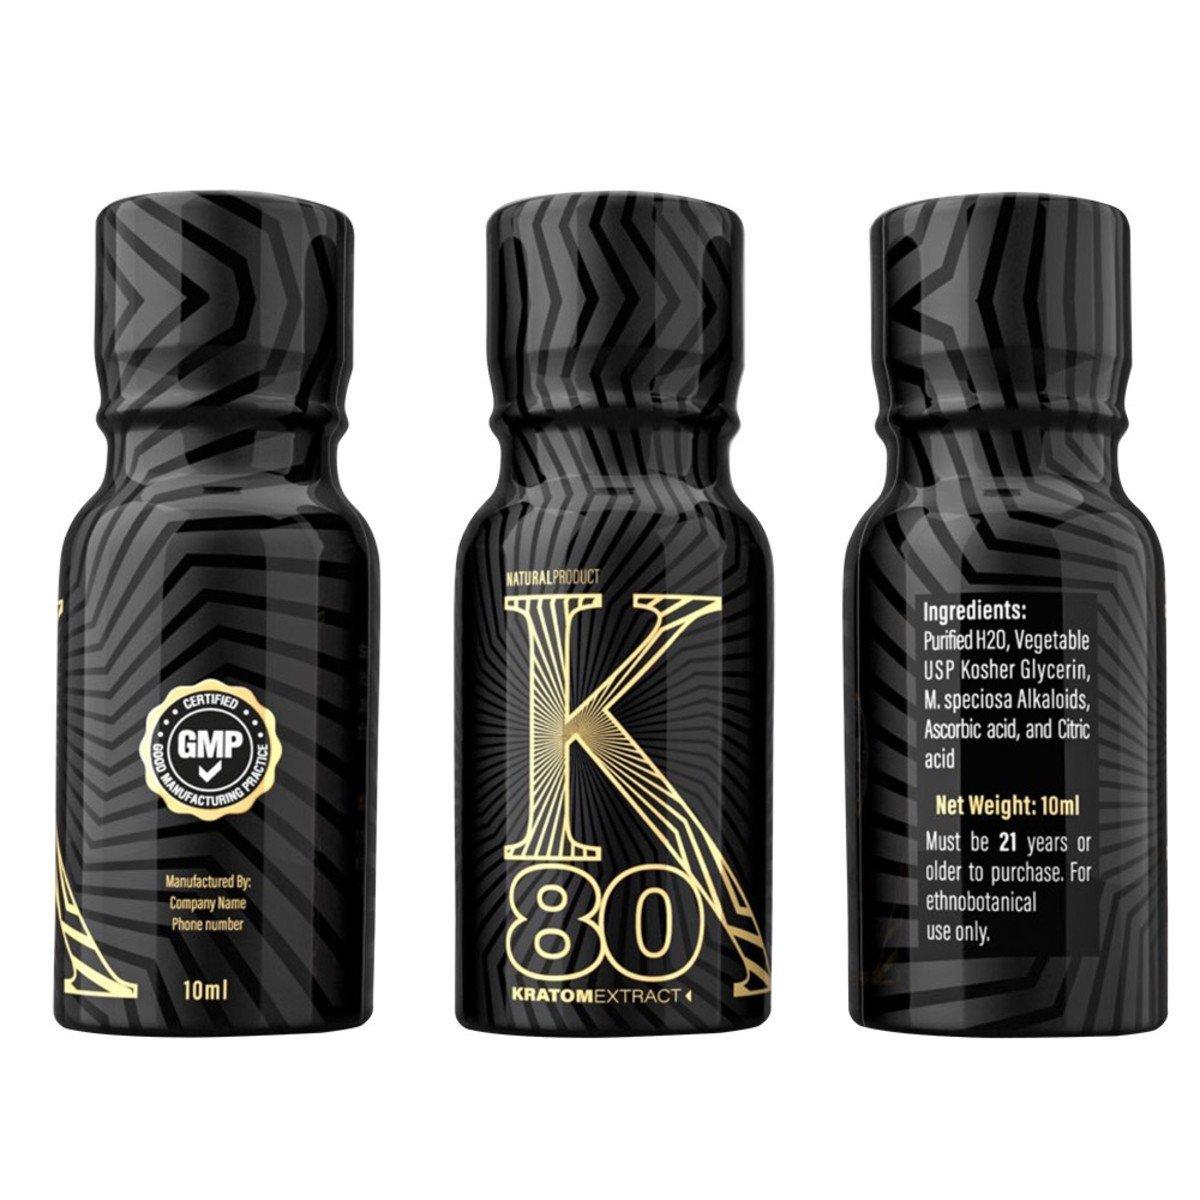 Bottles of K80